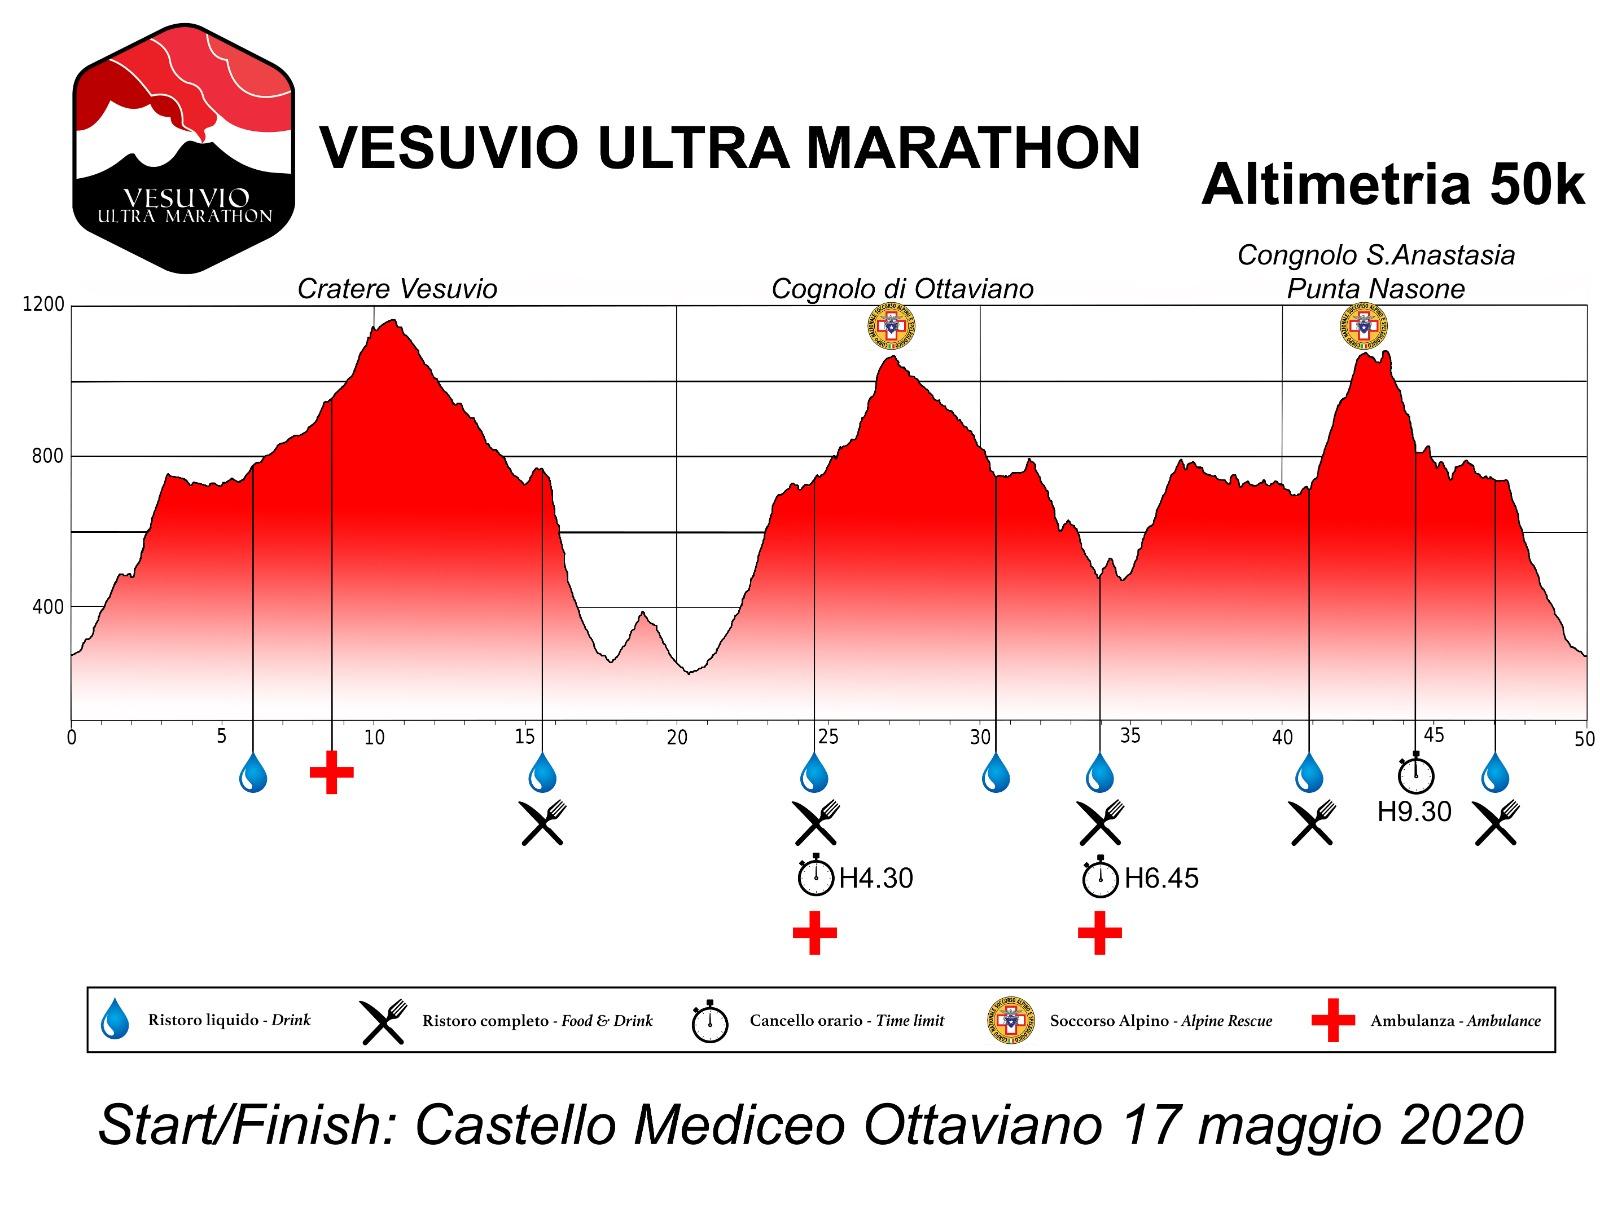 Vesuvio Ultra Marathon 50km